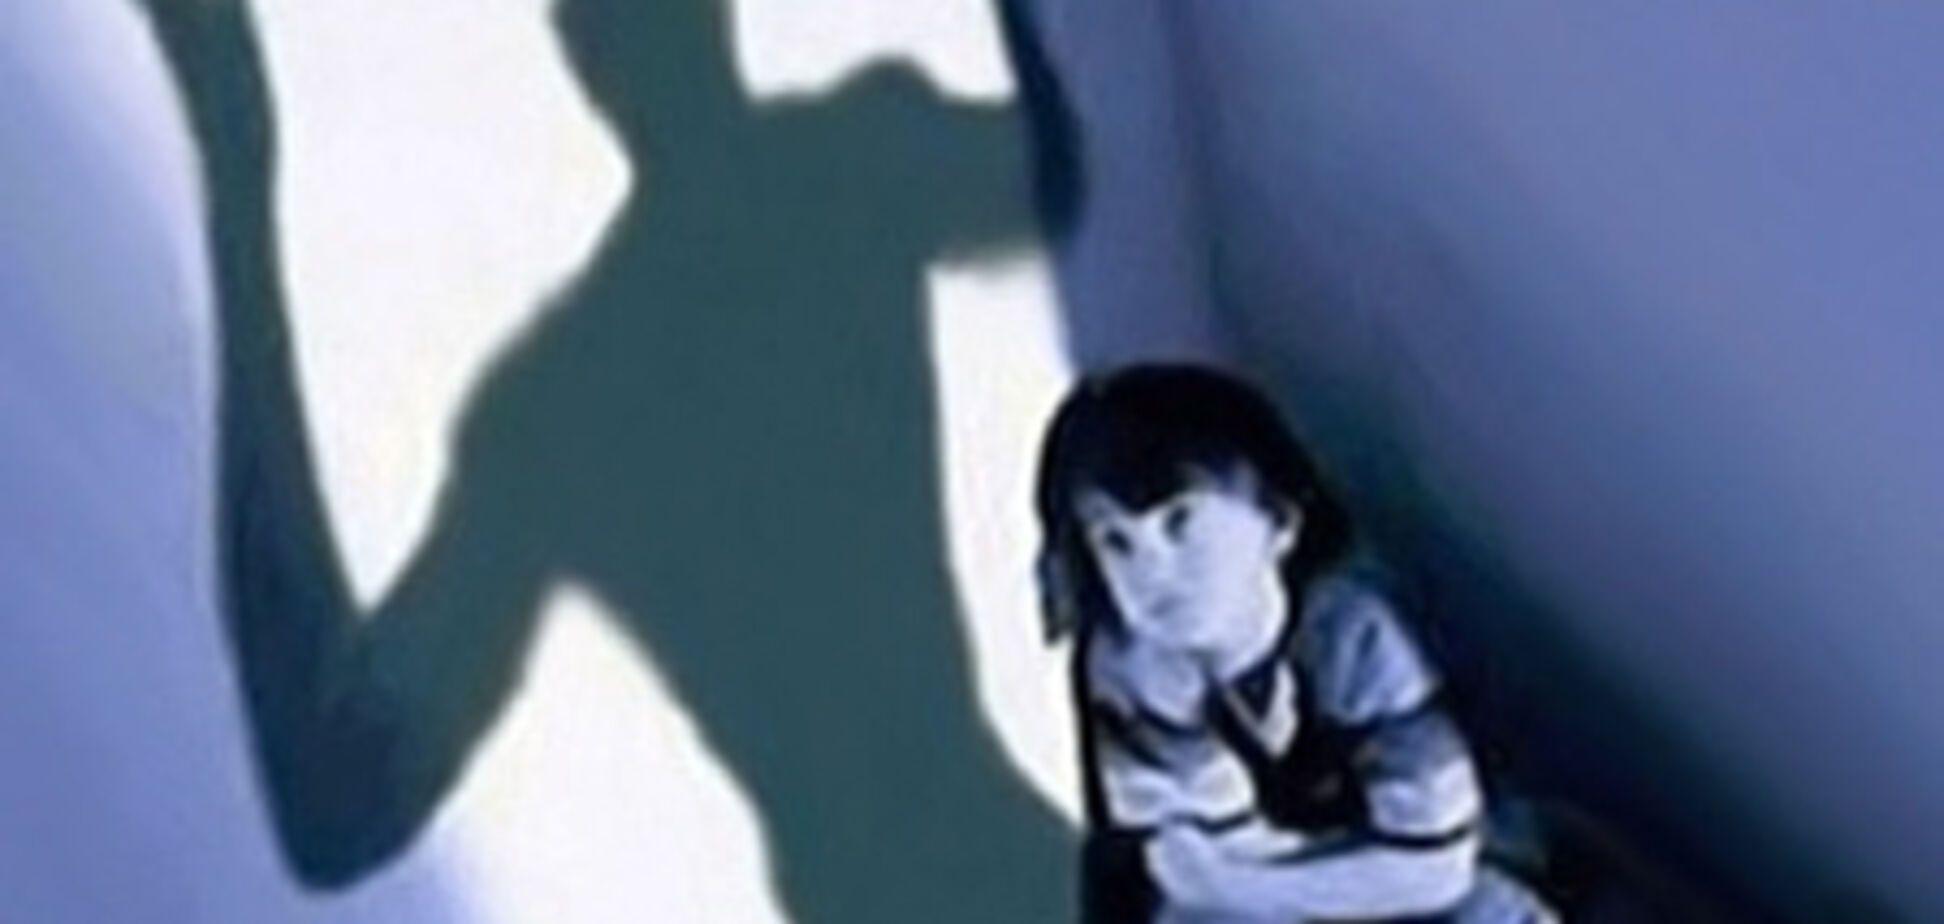 Дело об изнасиловании 6-летней девочки растянули на год